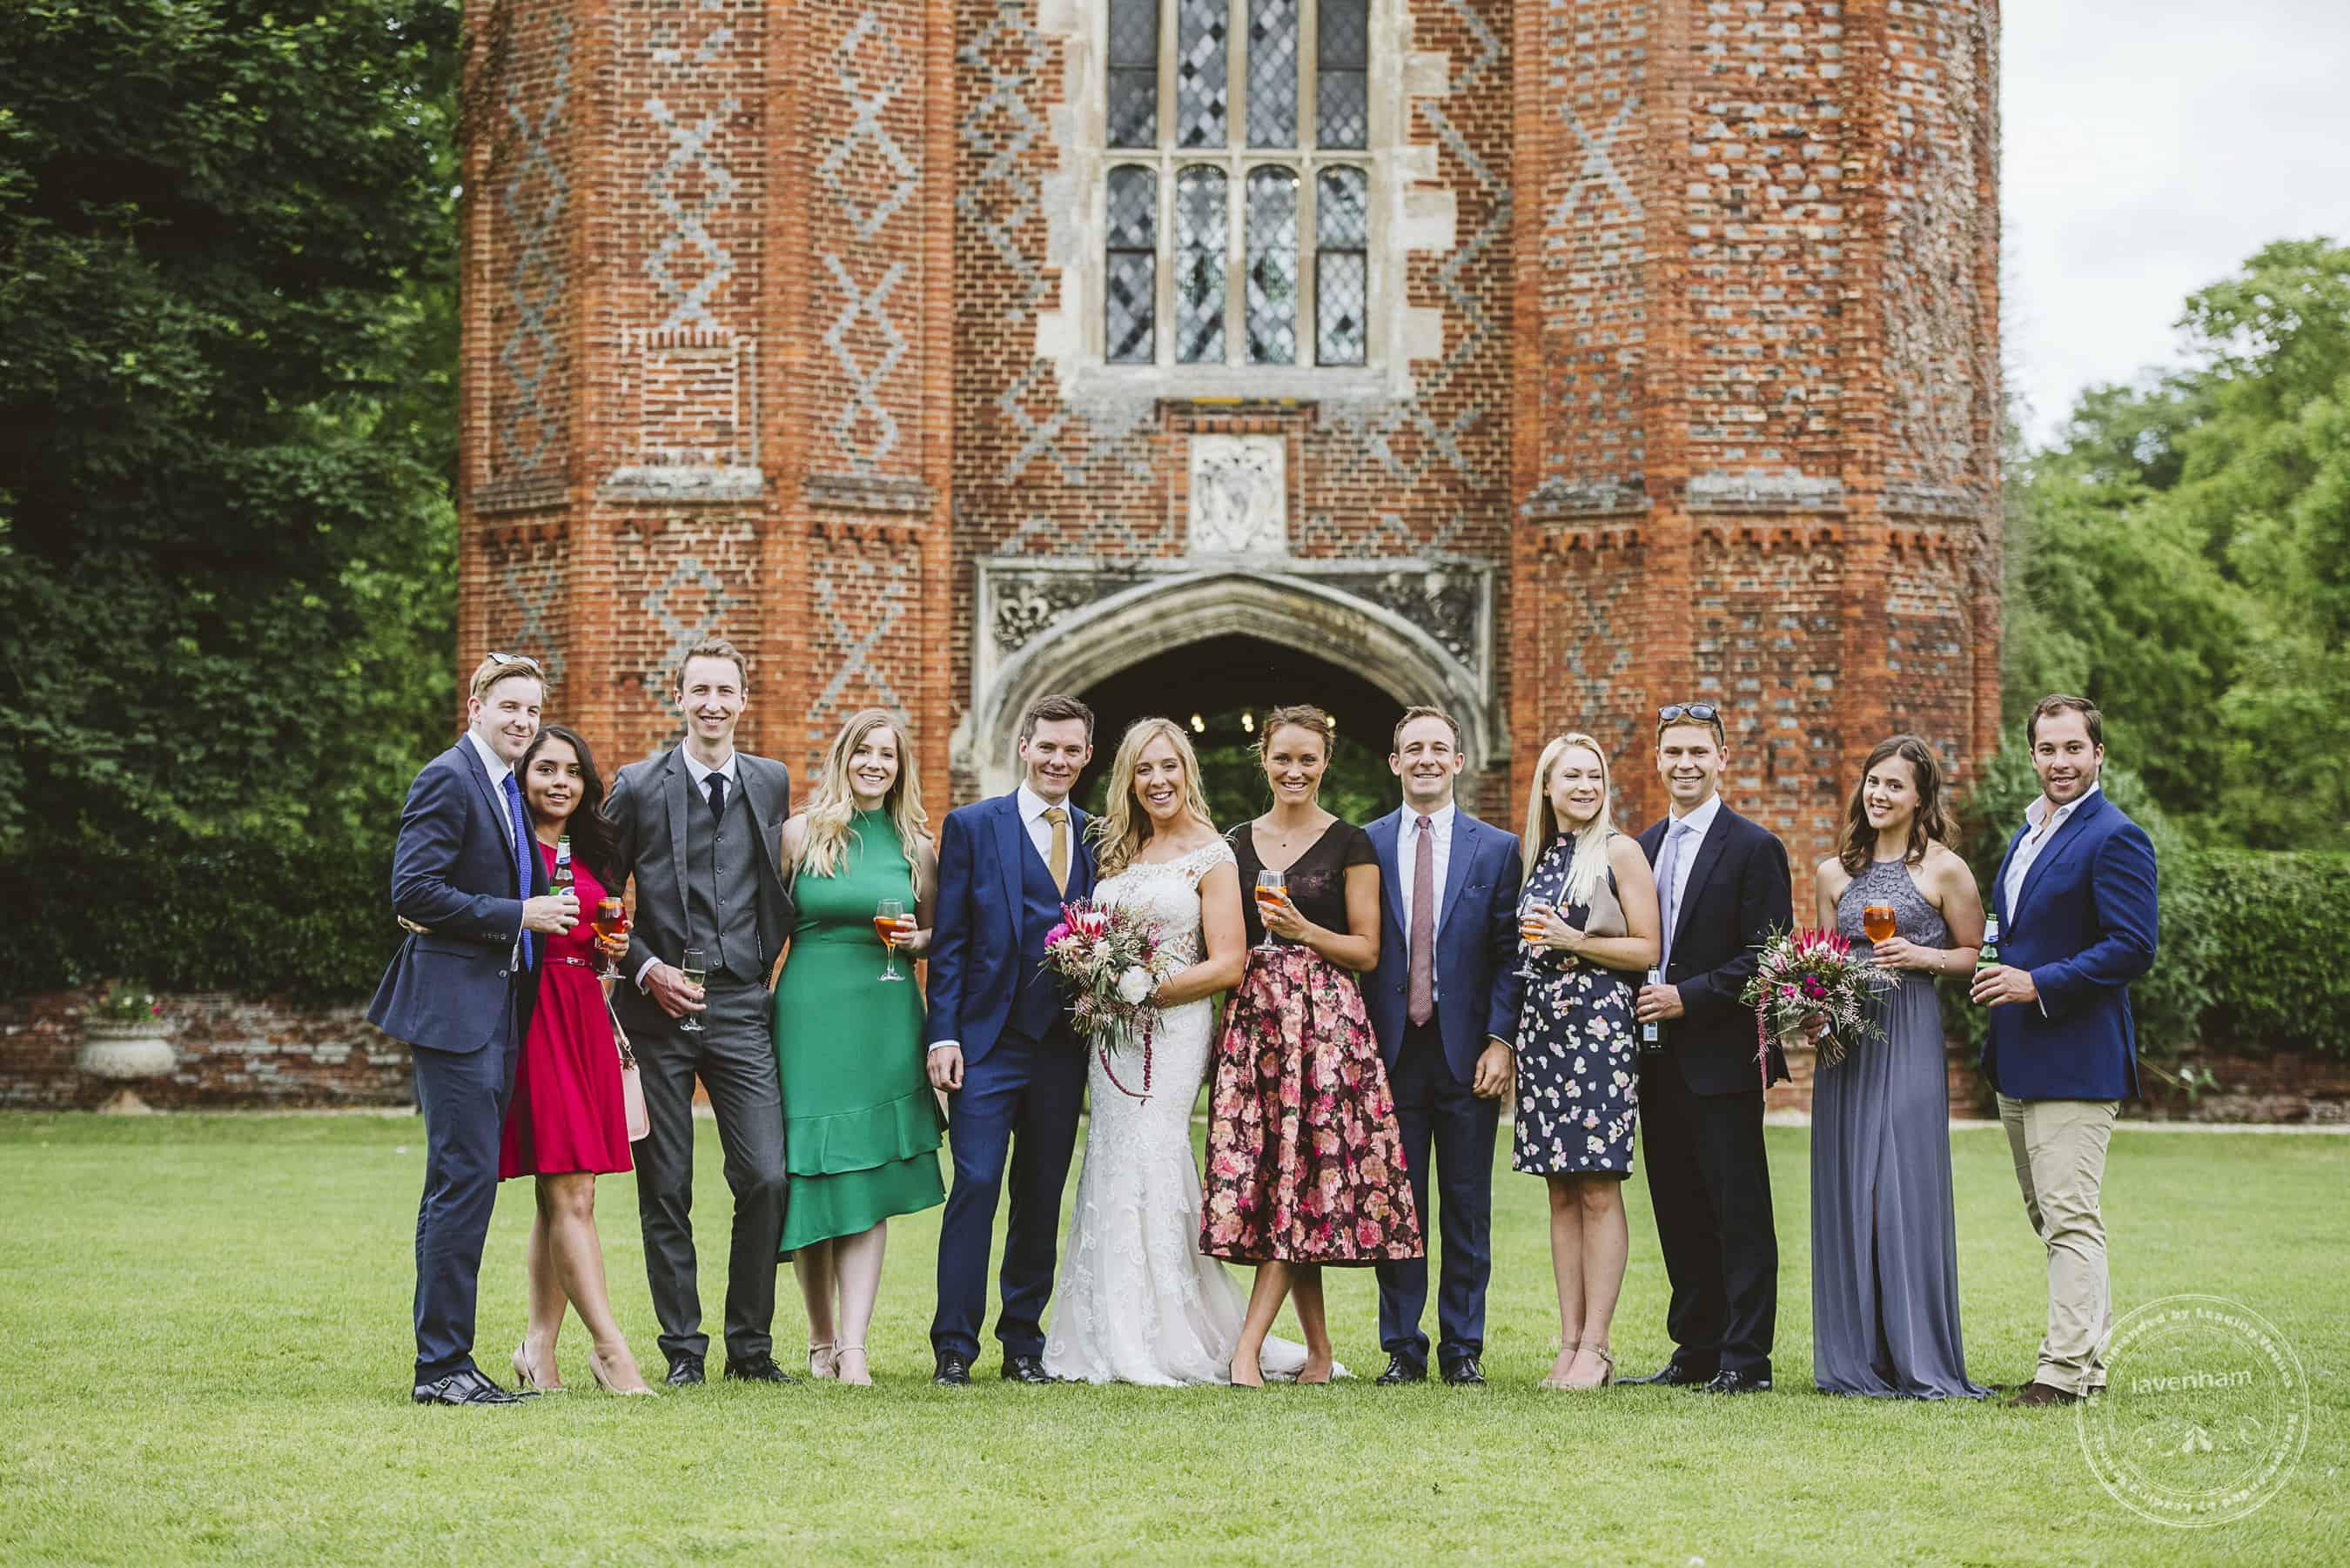 020618 Leez Priory Wedding Photography Lavenham Photographic 082